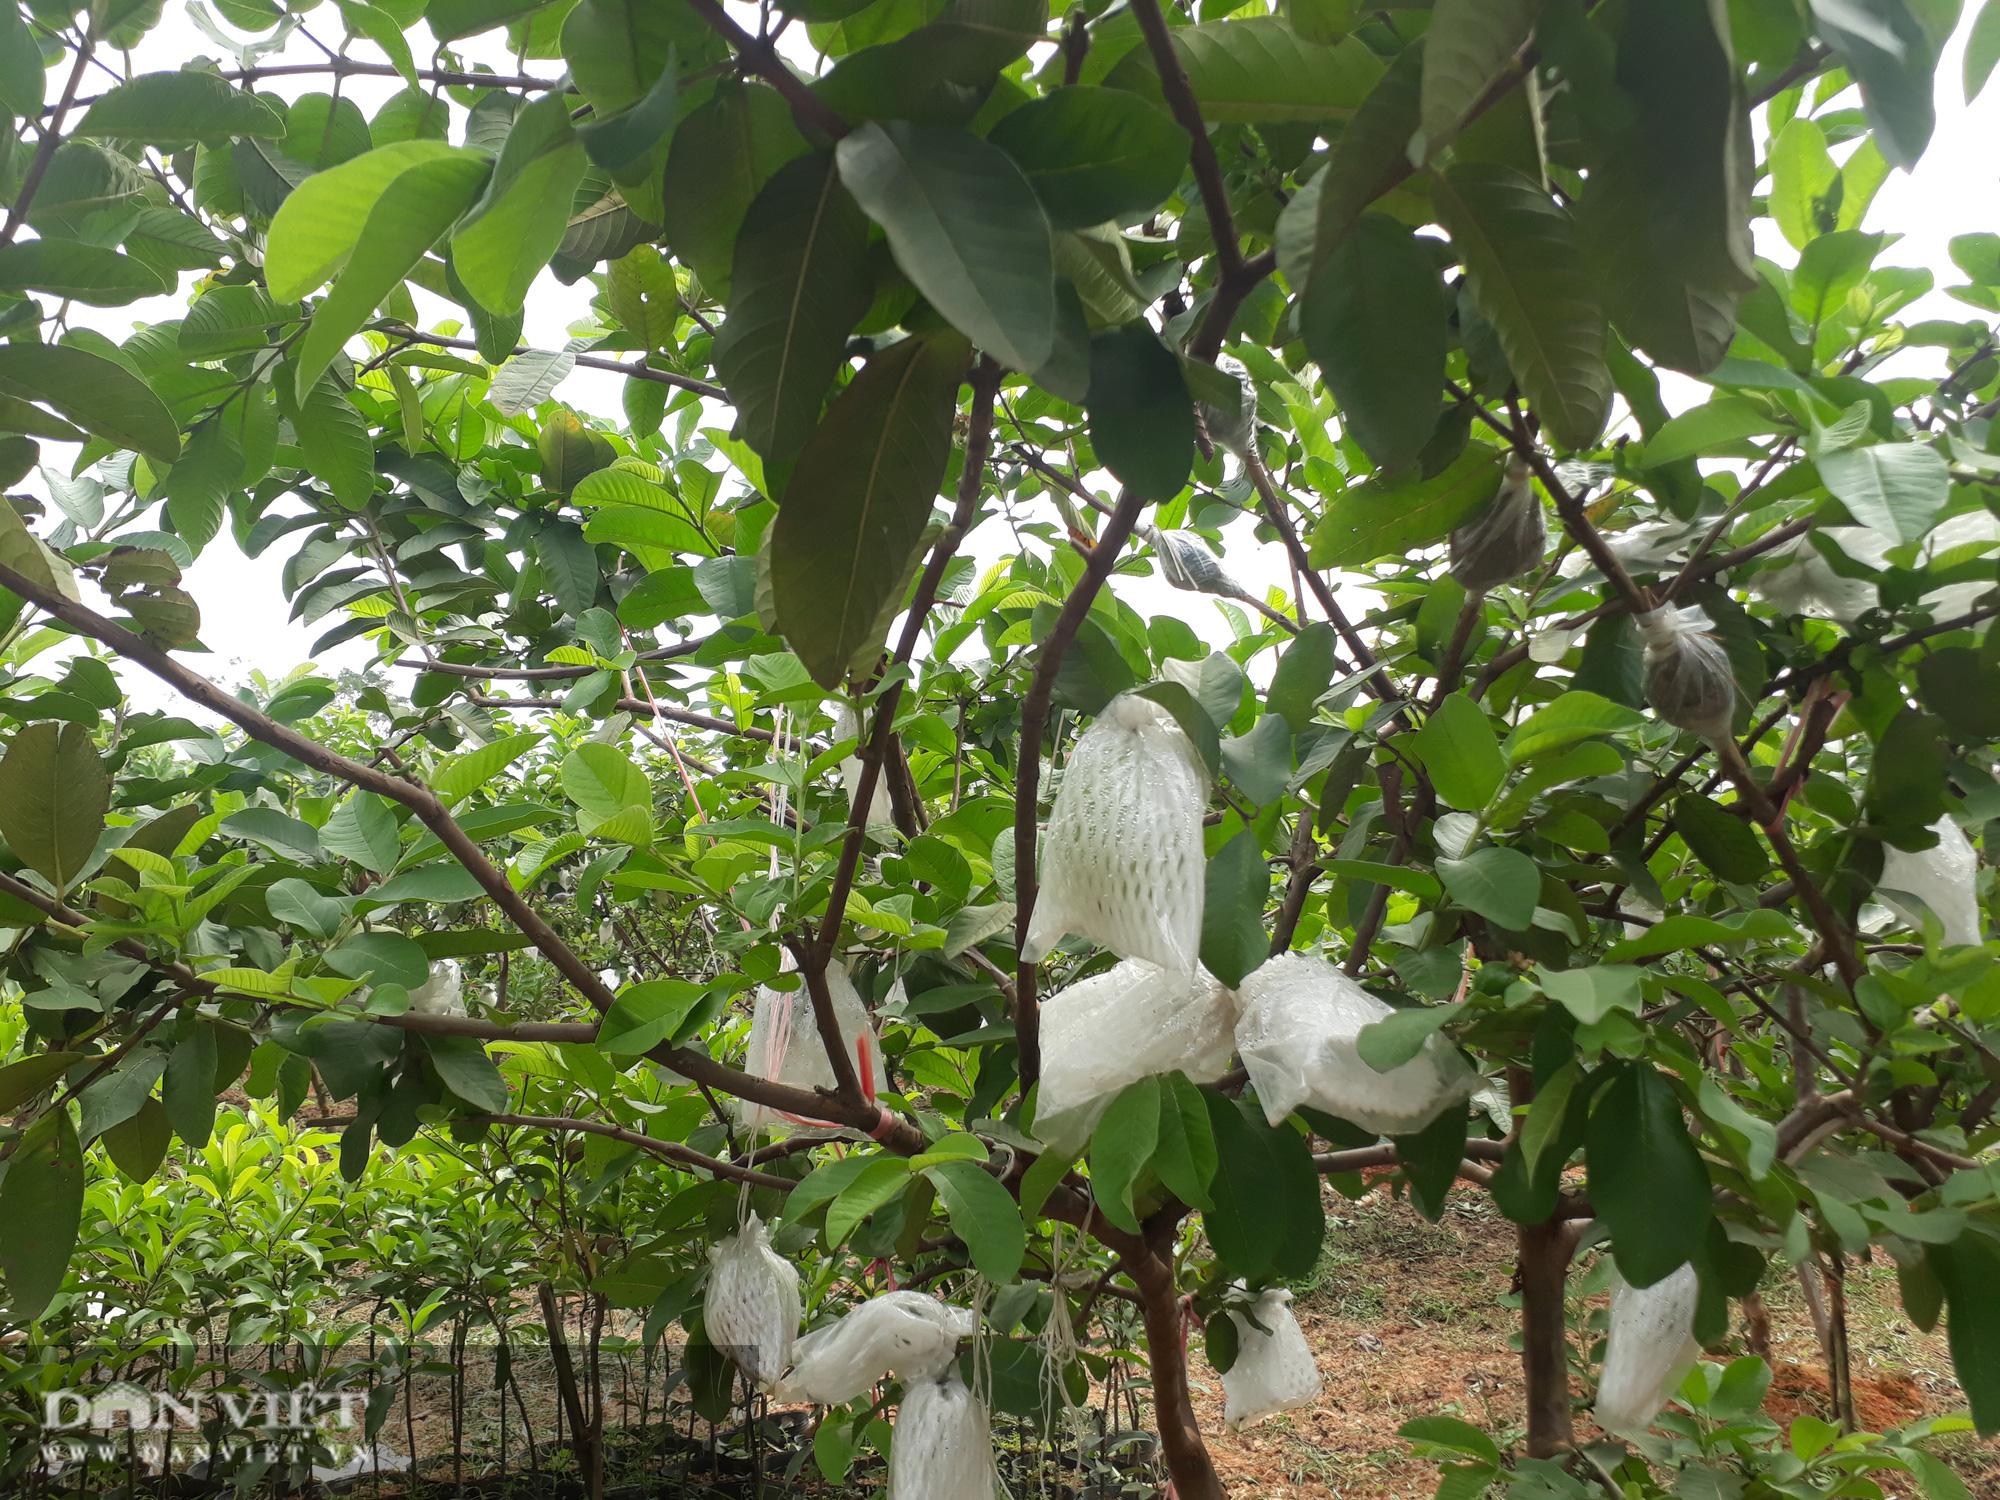 Trồng cây ra quả ngọt quanh năm, vợ chồng anh nông dân Thái Nguyên thu hàng trăm triệu đồng mỗi năm  - Ảnh 3.